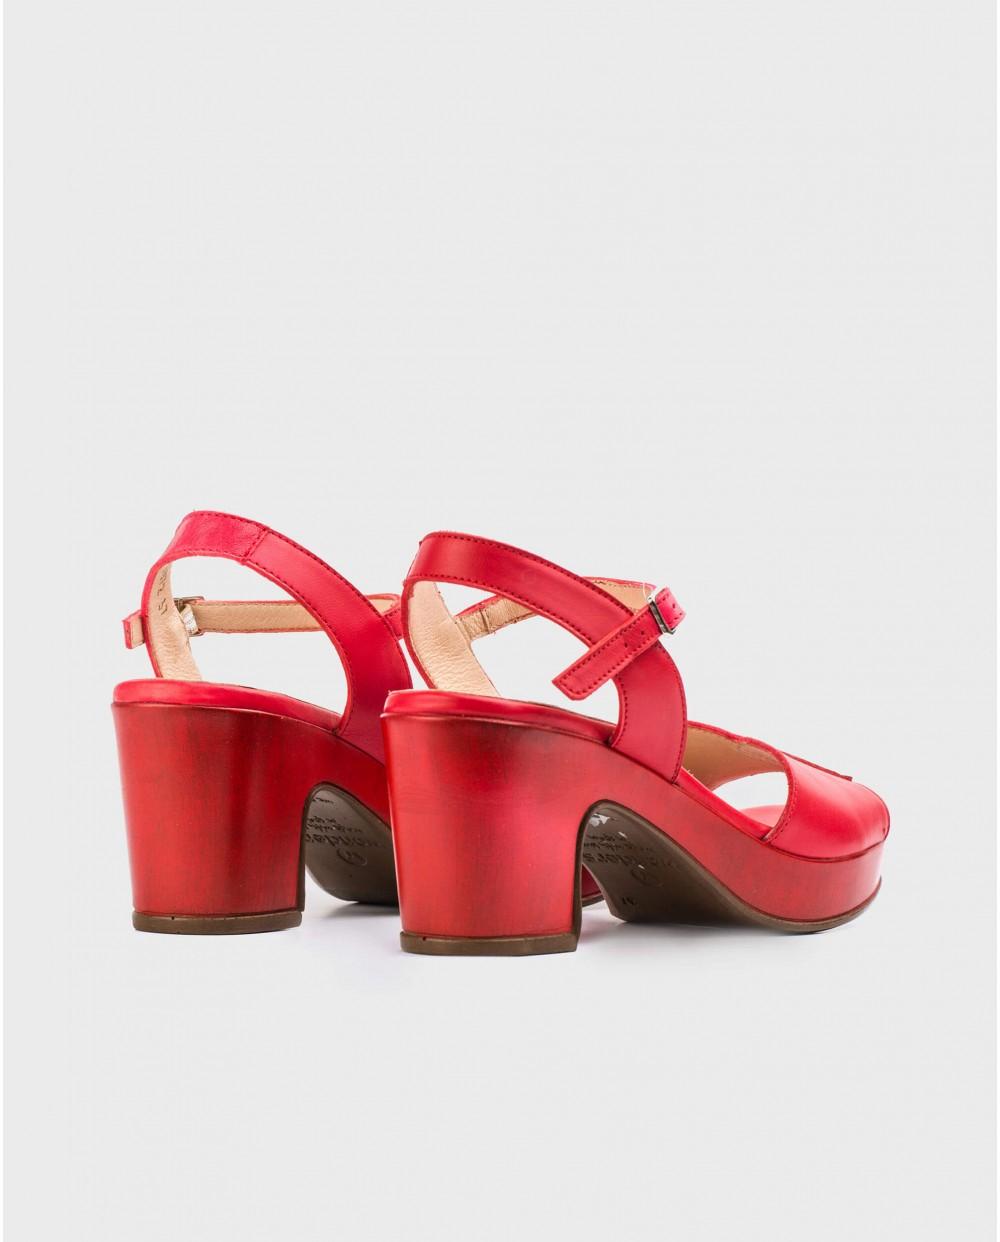 Wonders-Heels-Platform sandal